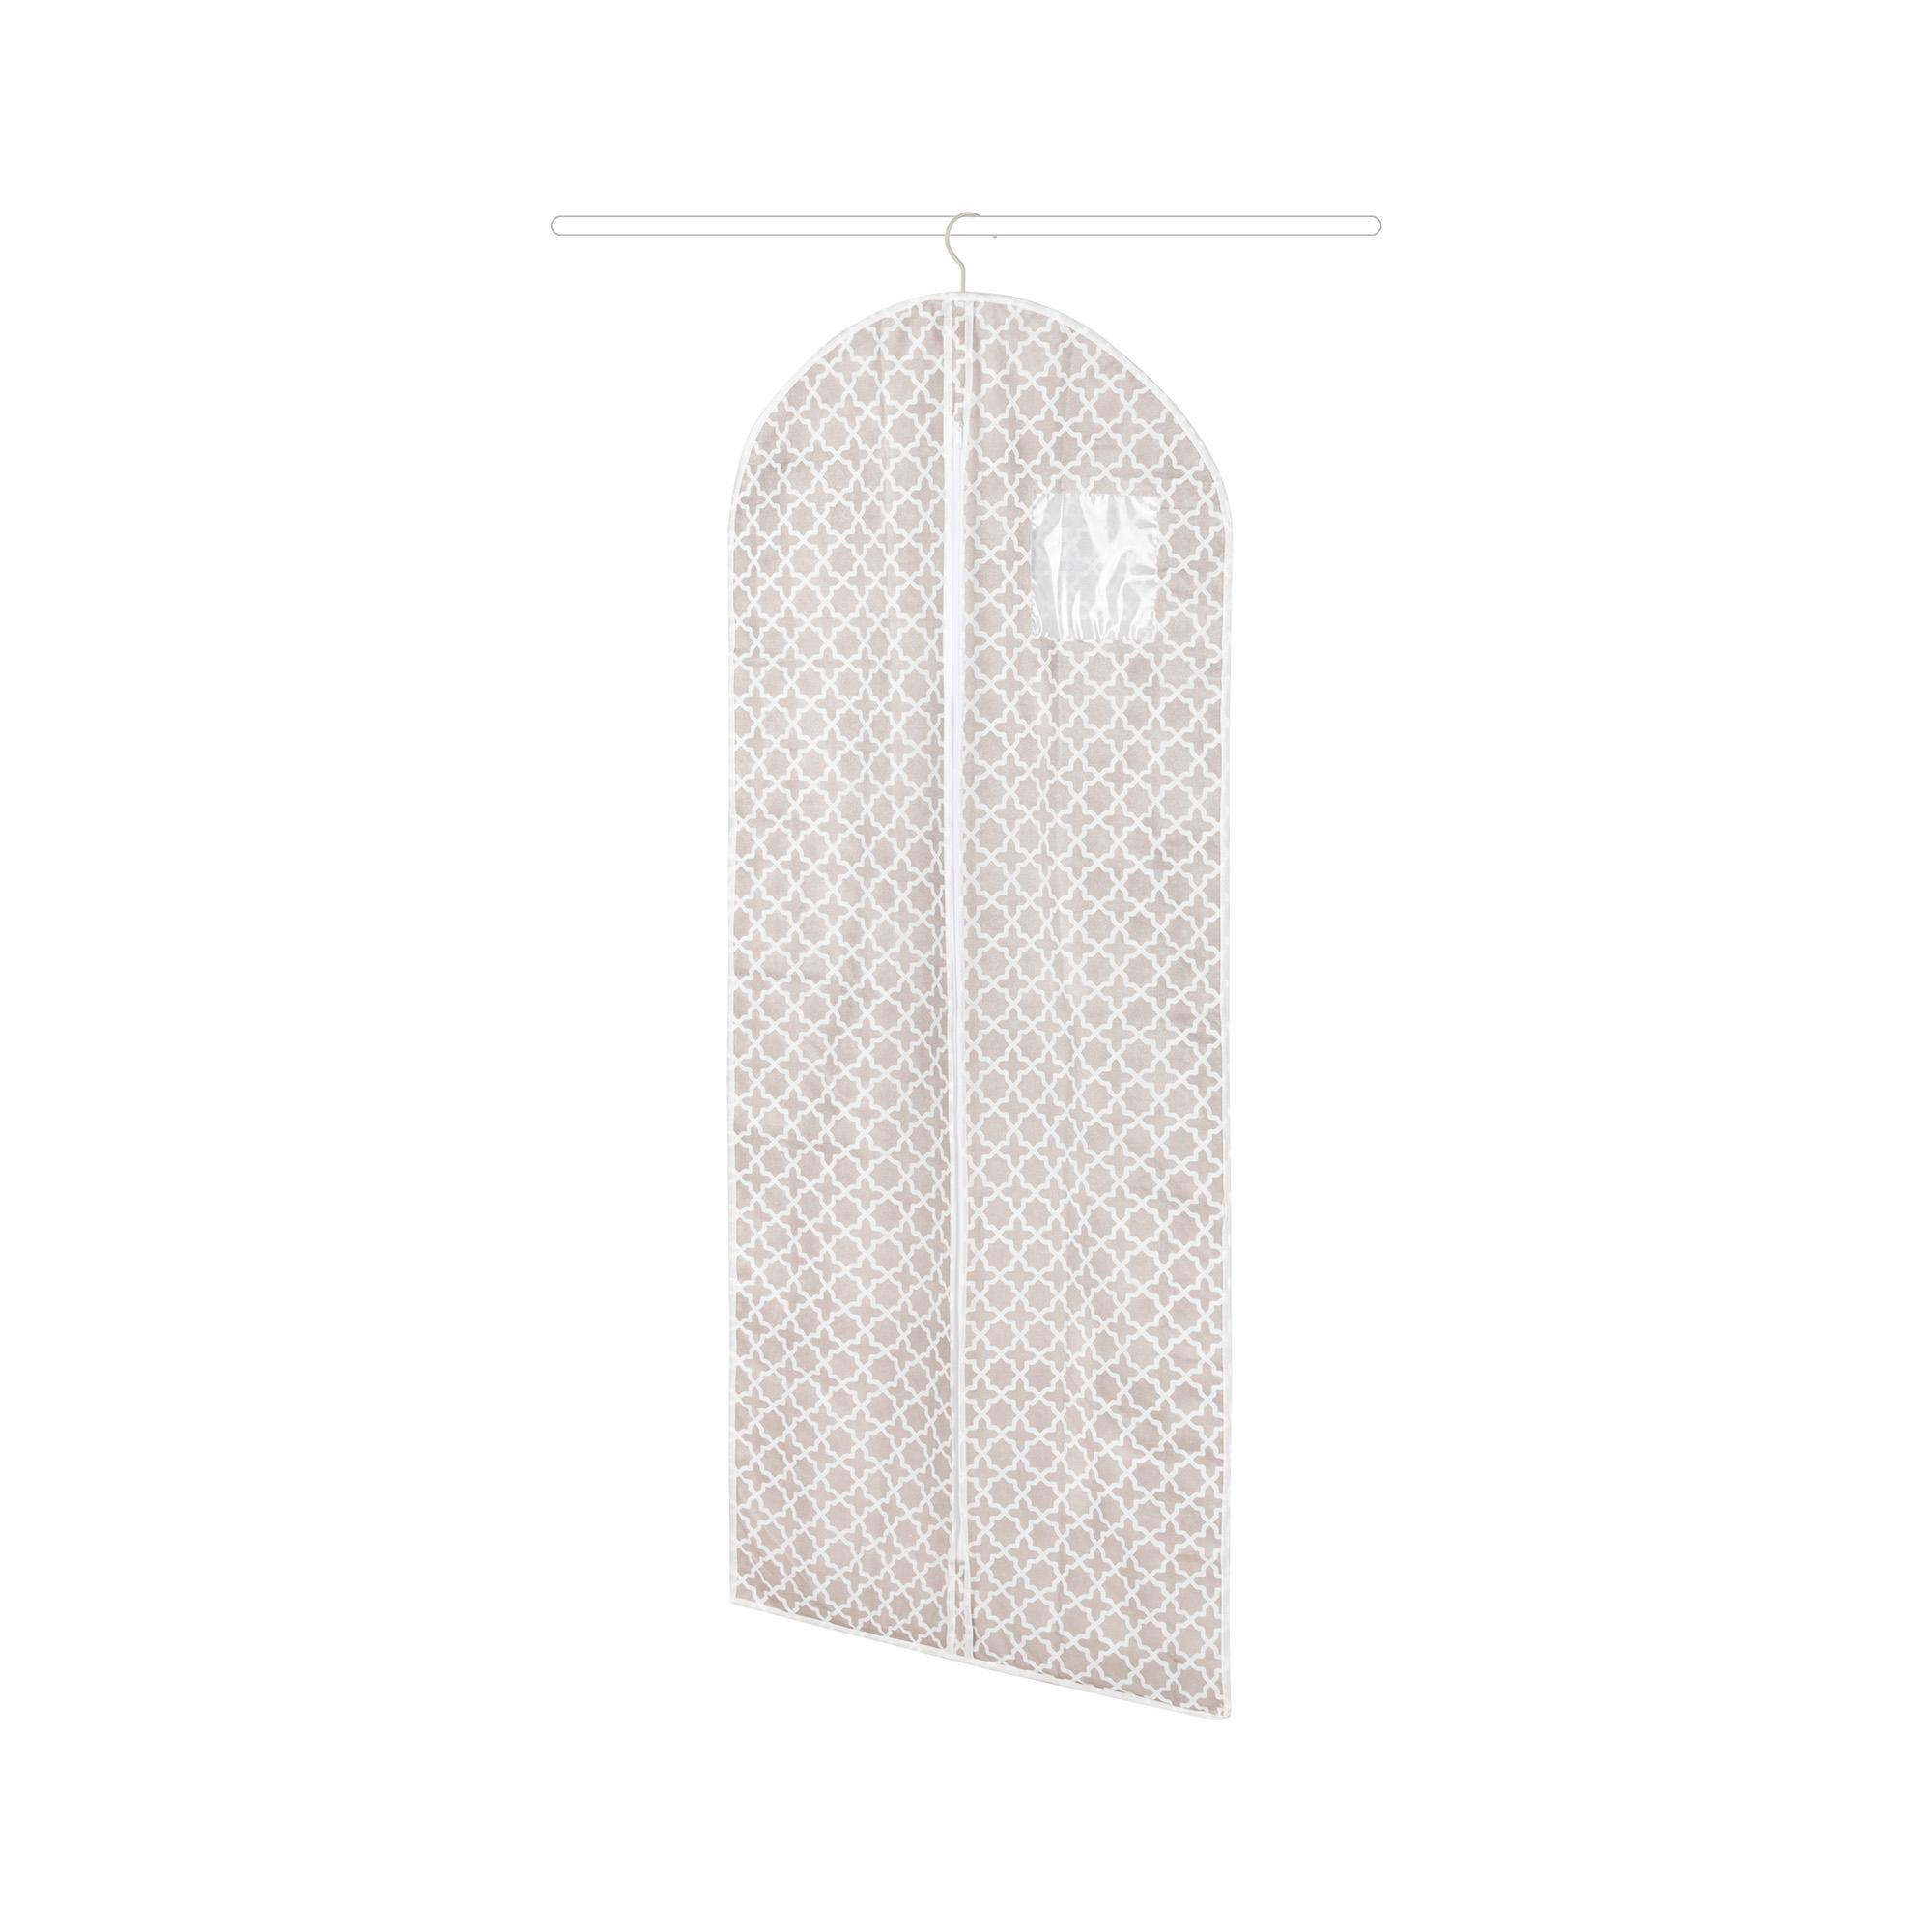 Housse pour vêtements à motifs 60x100cm